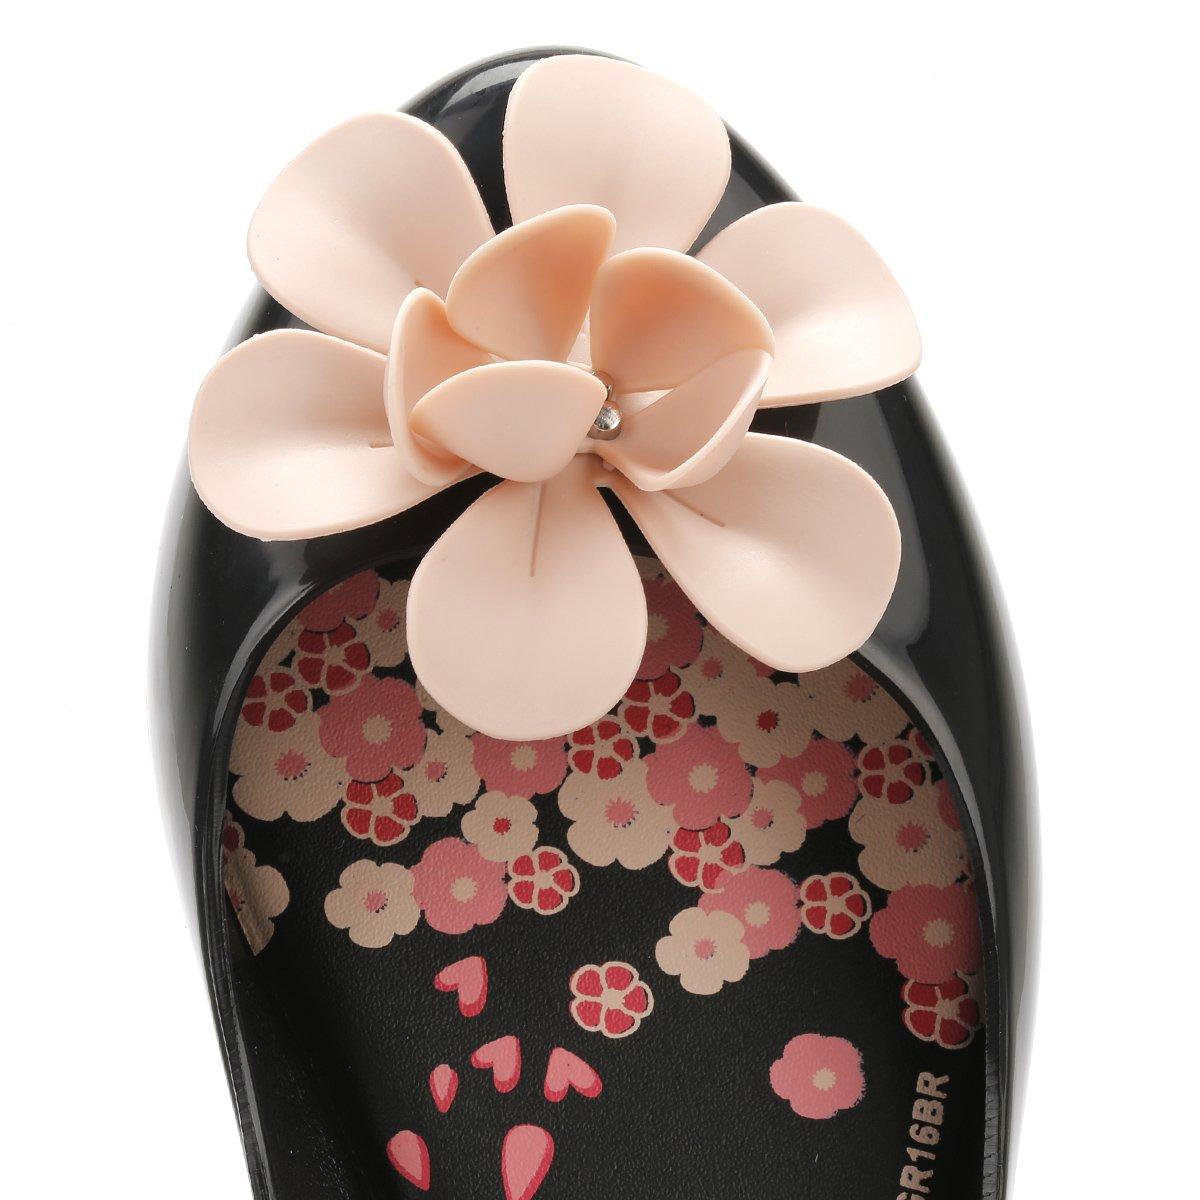 Zaxy - Mocasines de pvc para niña negro Black Contrast, color negro, talla 2.5 UK: Amazon.es: Zapatos y complementos